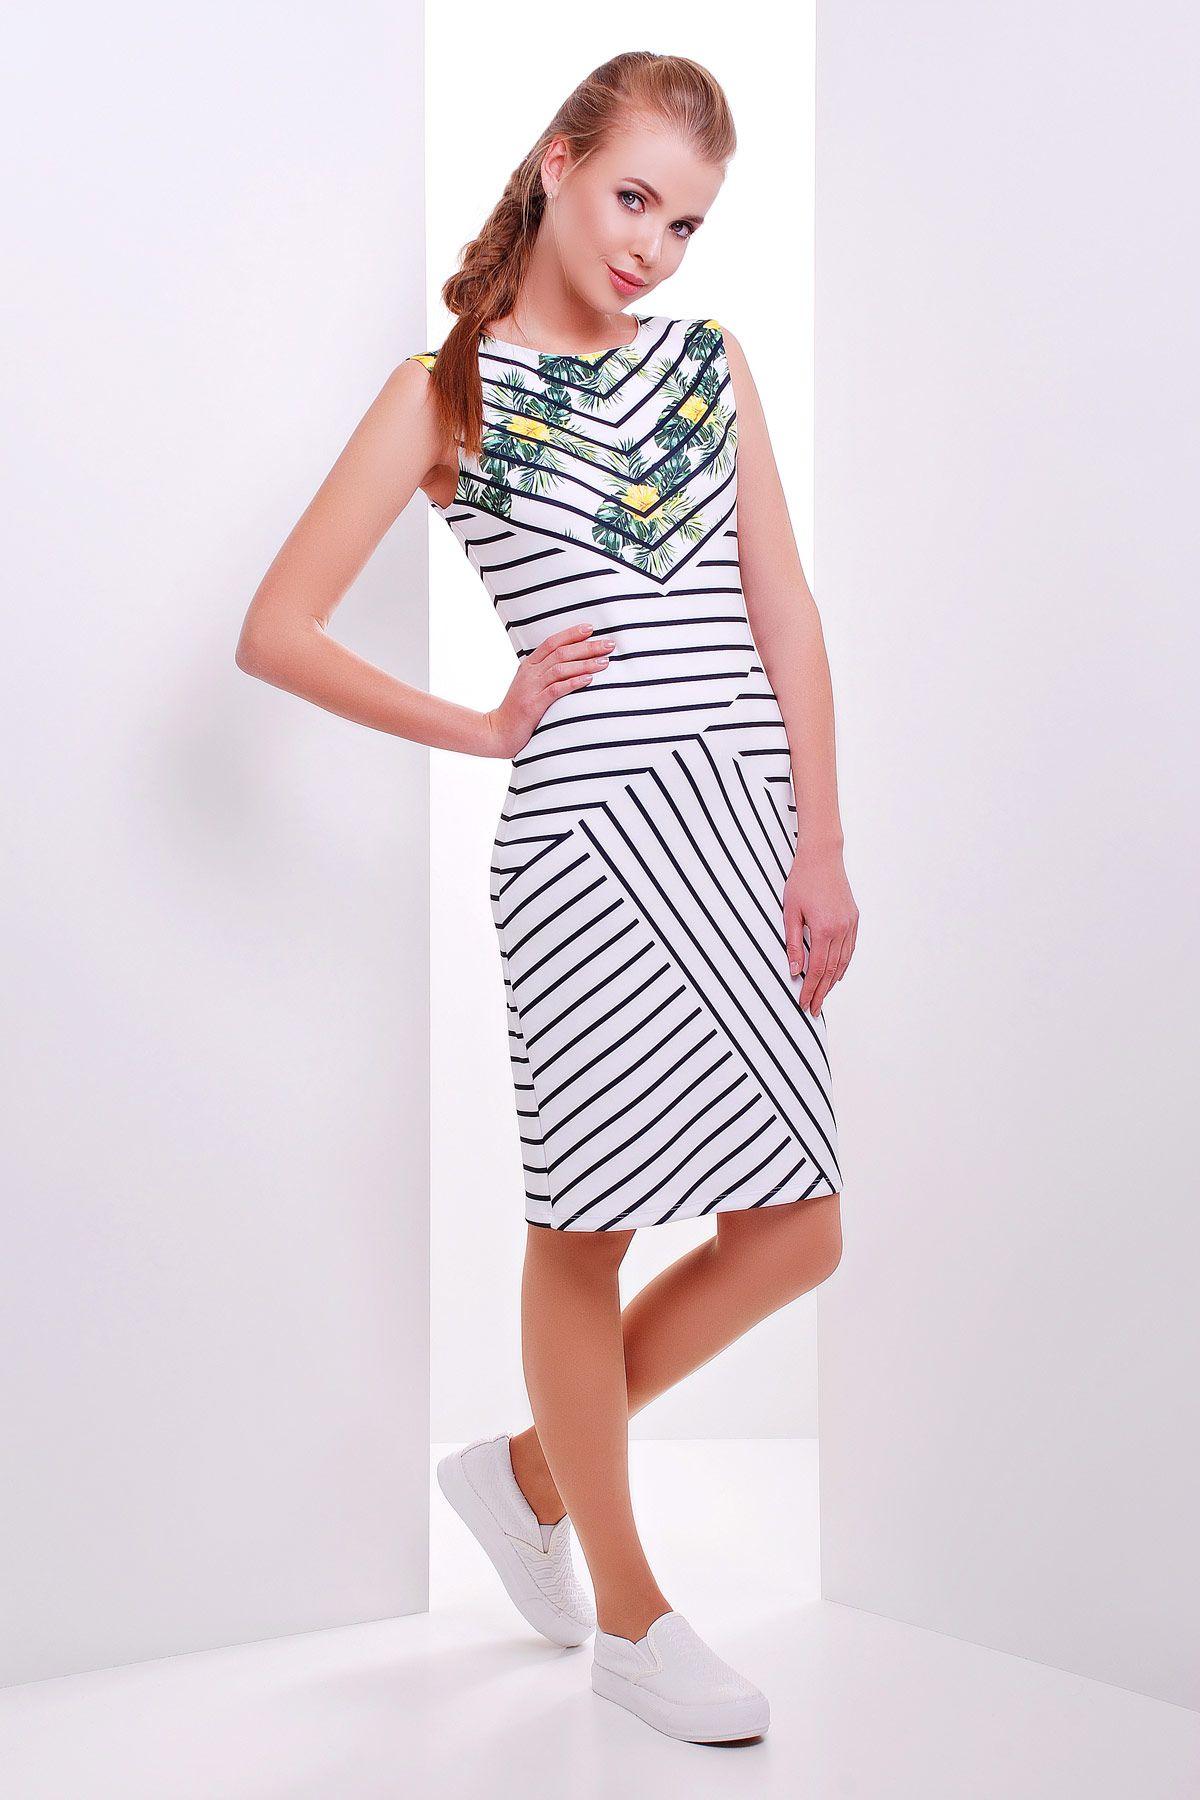 f9e62e0555605 летнее платье сарафан без рукавов в полоску. Полоска платье Калея-1 б/р